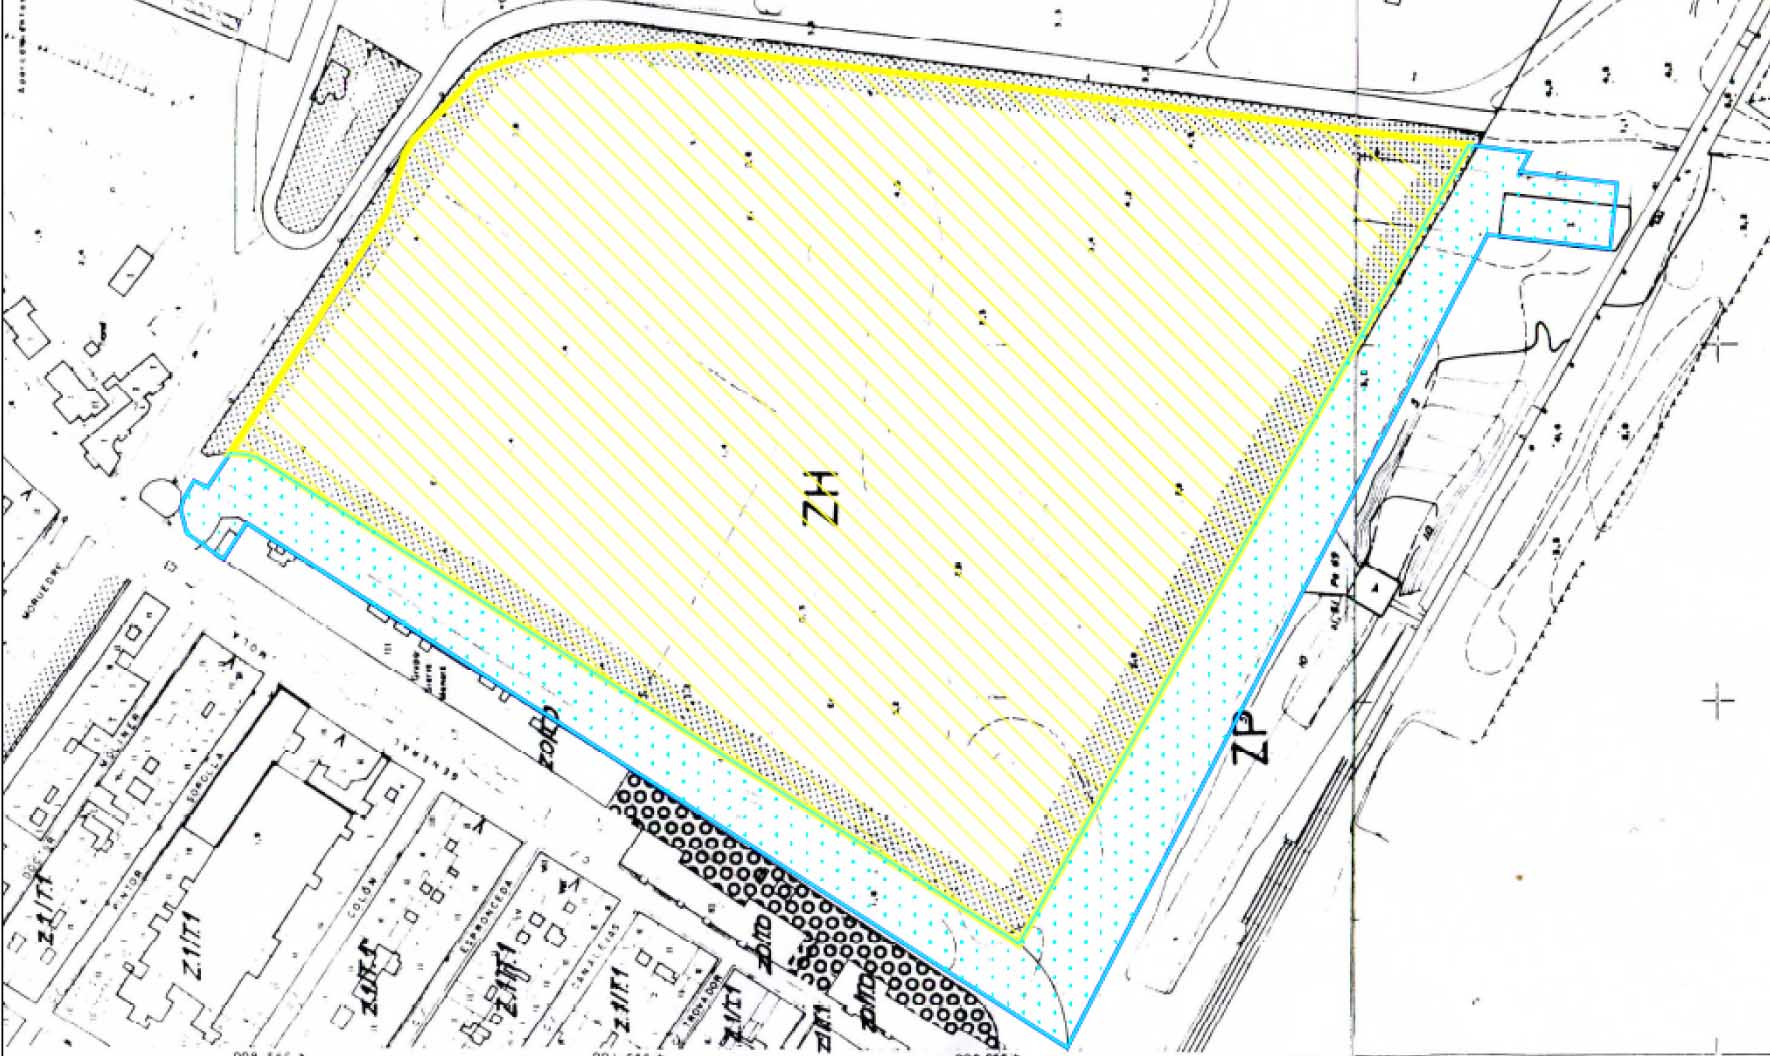 Plano del Malecón se Menera adjuntado en el informe de Urbanismo.